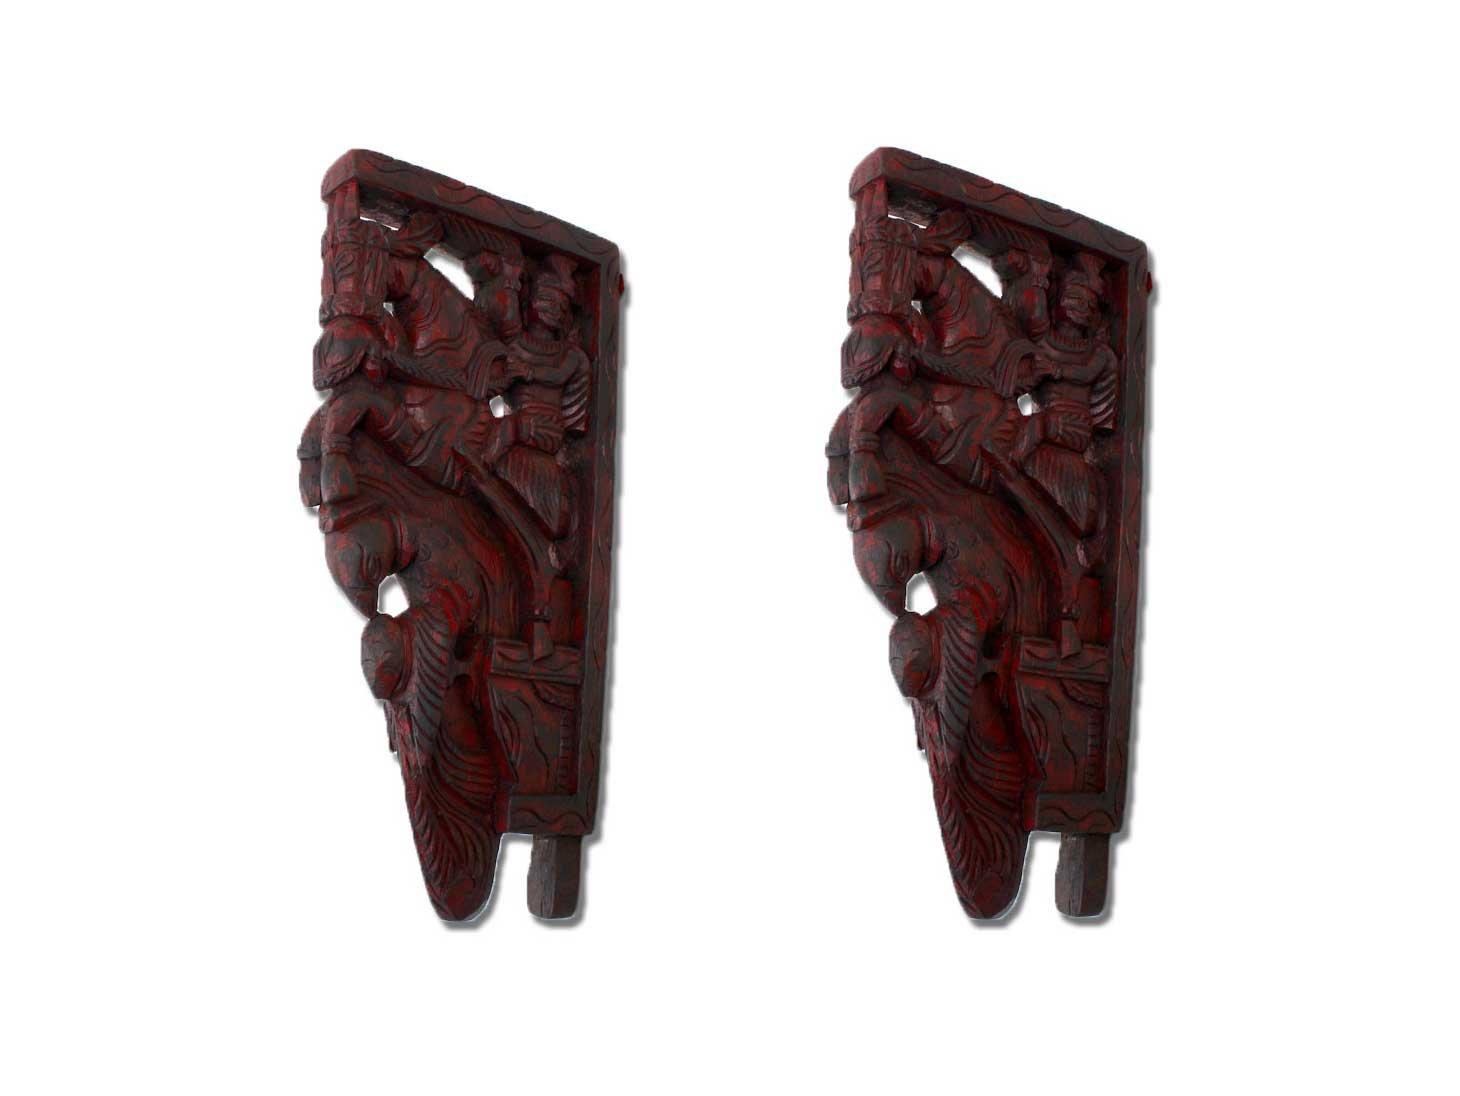 IndianShelf Handmade Decorative New Design Wooden Horse Riding Wall Bracket Home Décor Online